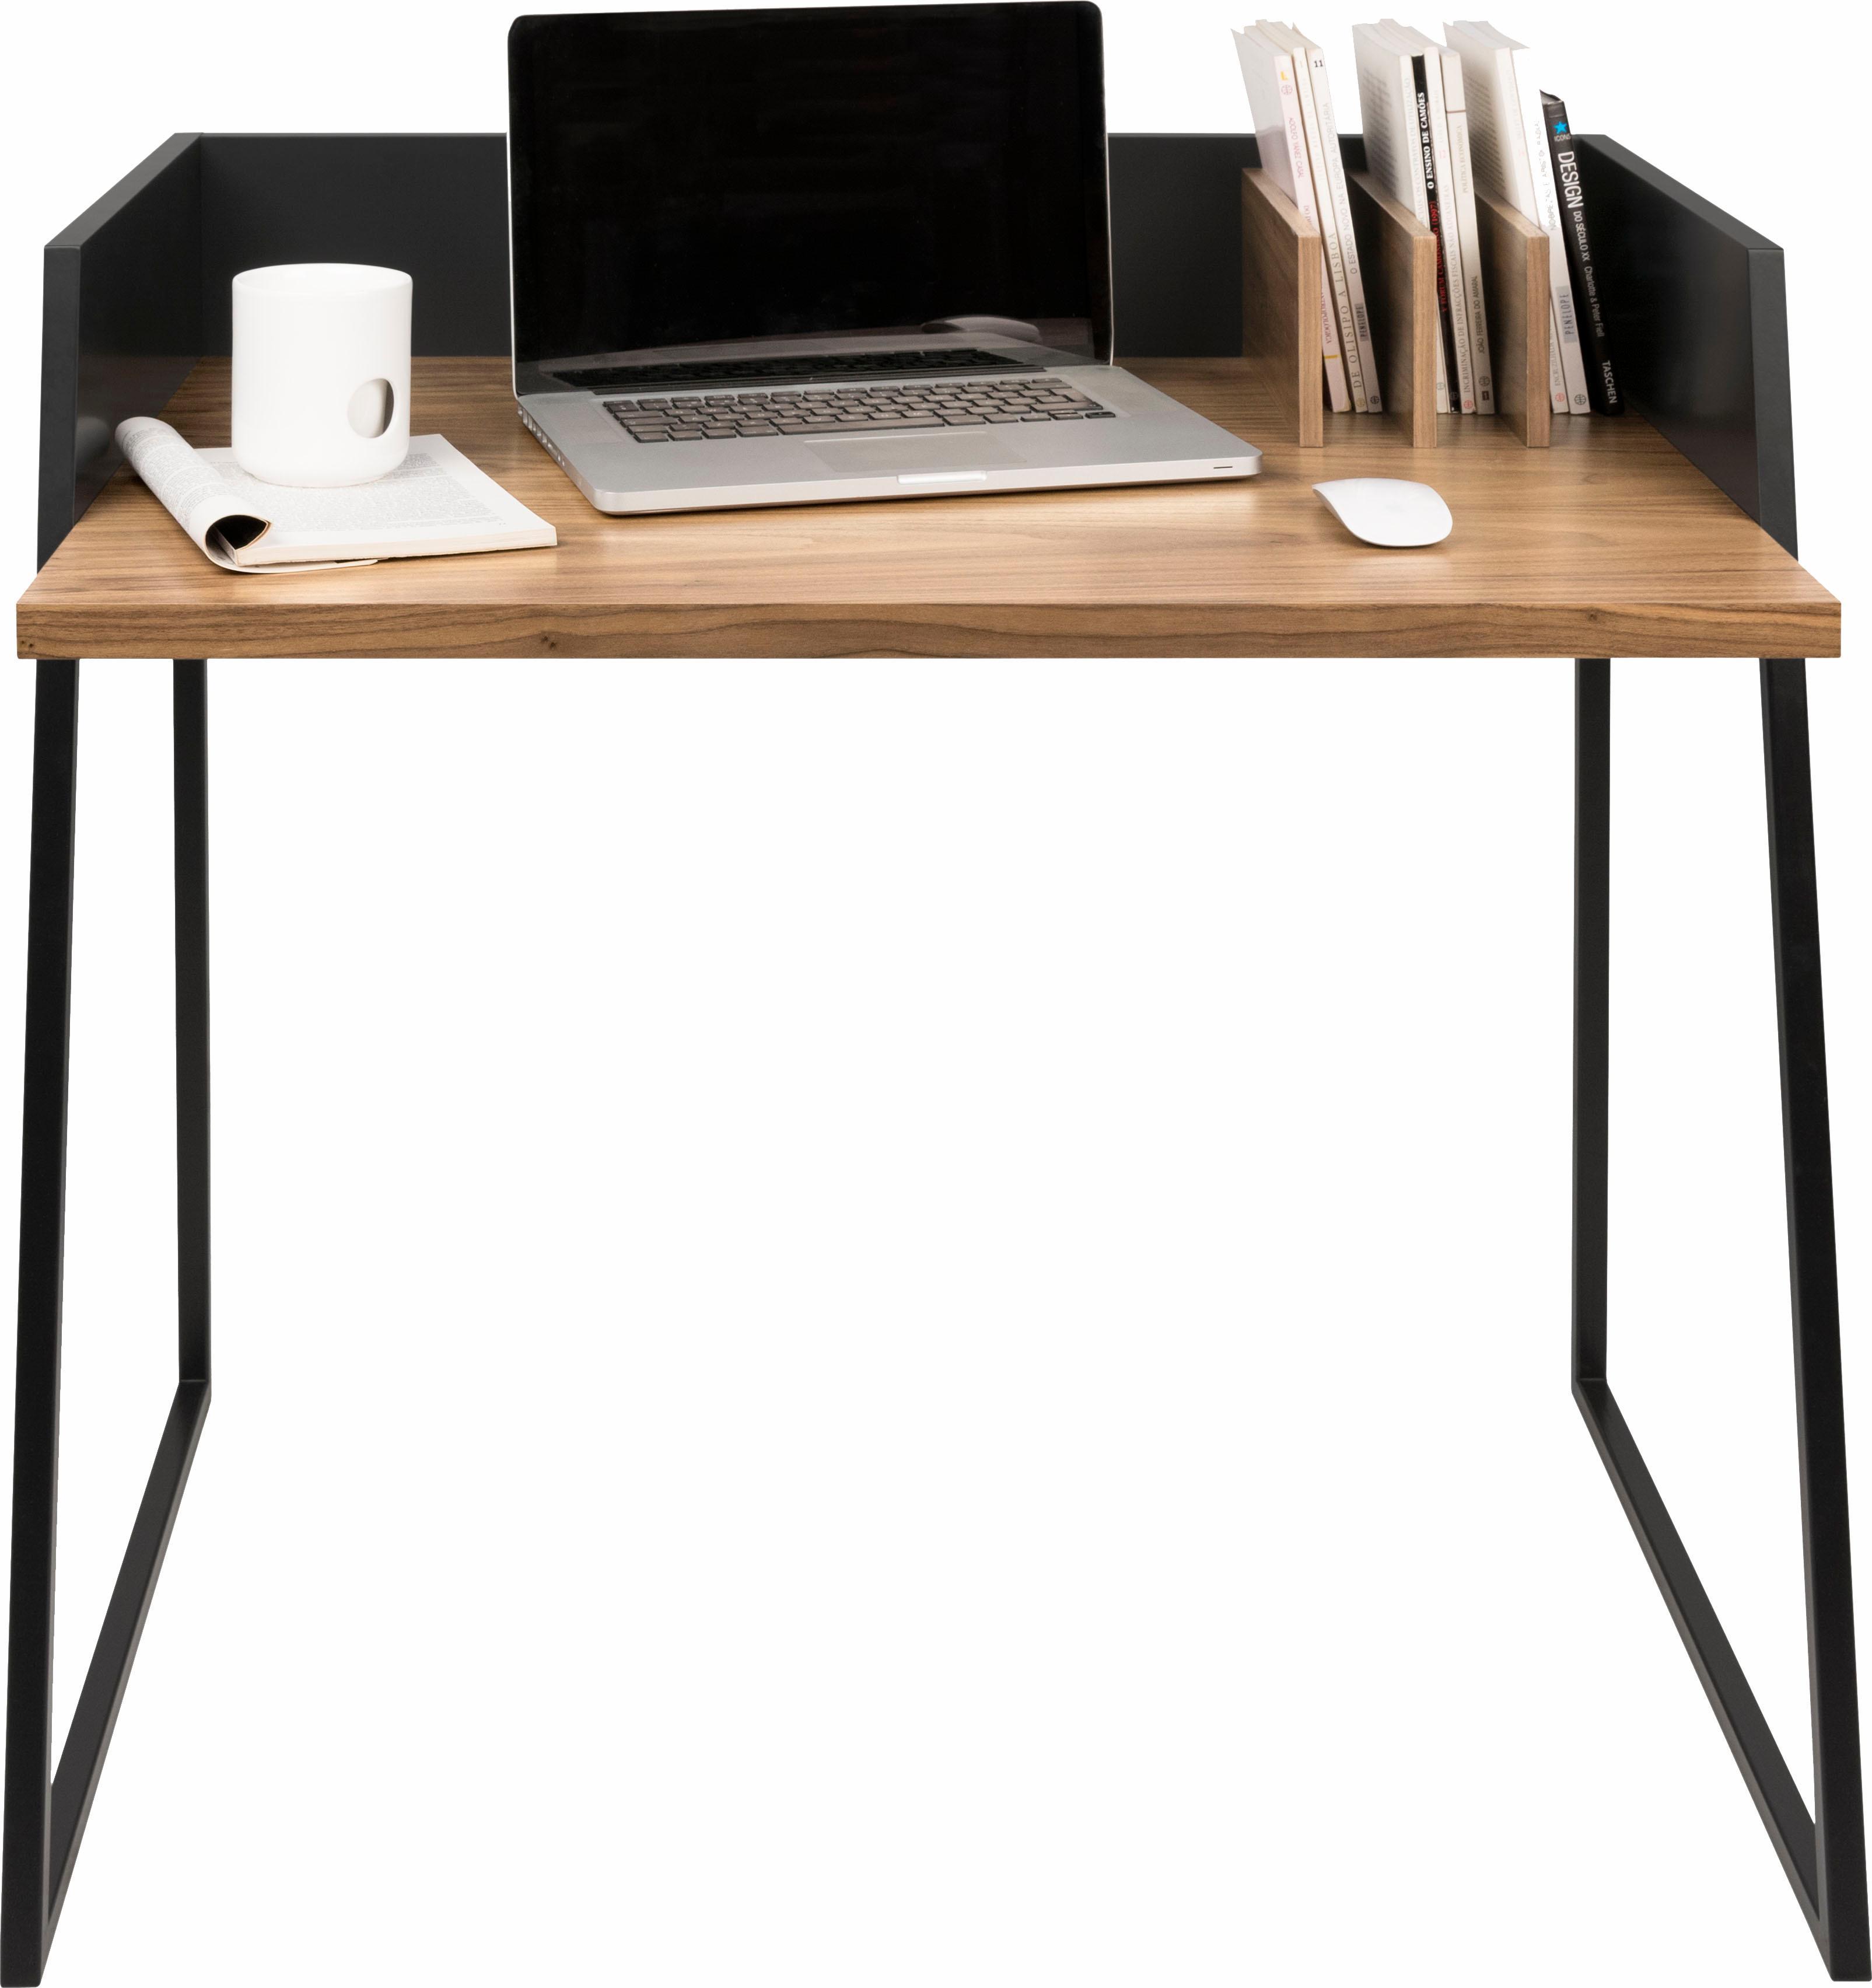 andas schreibtisch breite 90 cm carmelo styling. Black Bedroom Furniture Sets. Home Design Ideas